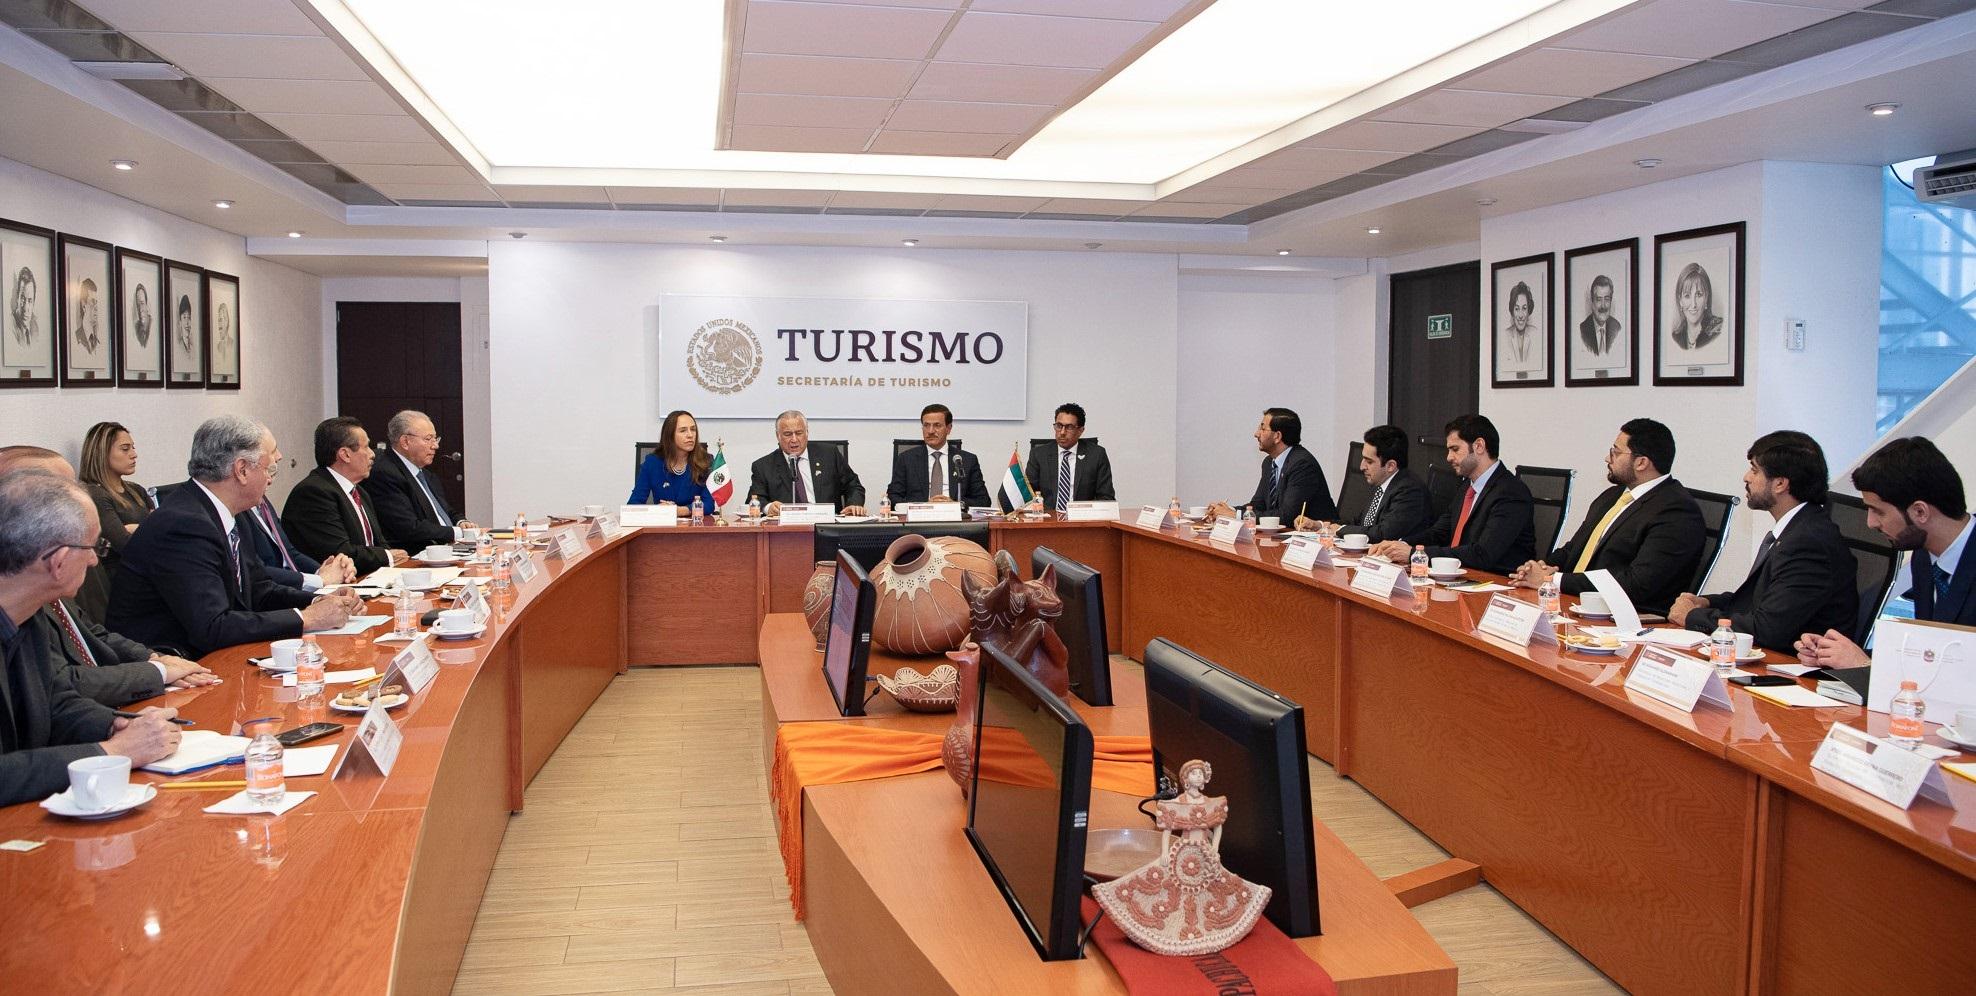 مباحثات موسعة بين الإمارات والمكسيك لتنمية أوجه التعاون الاقتصادي